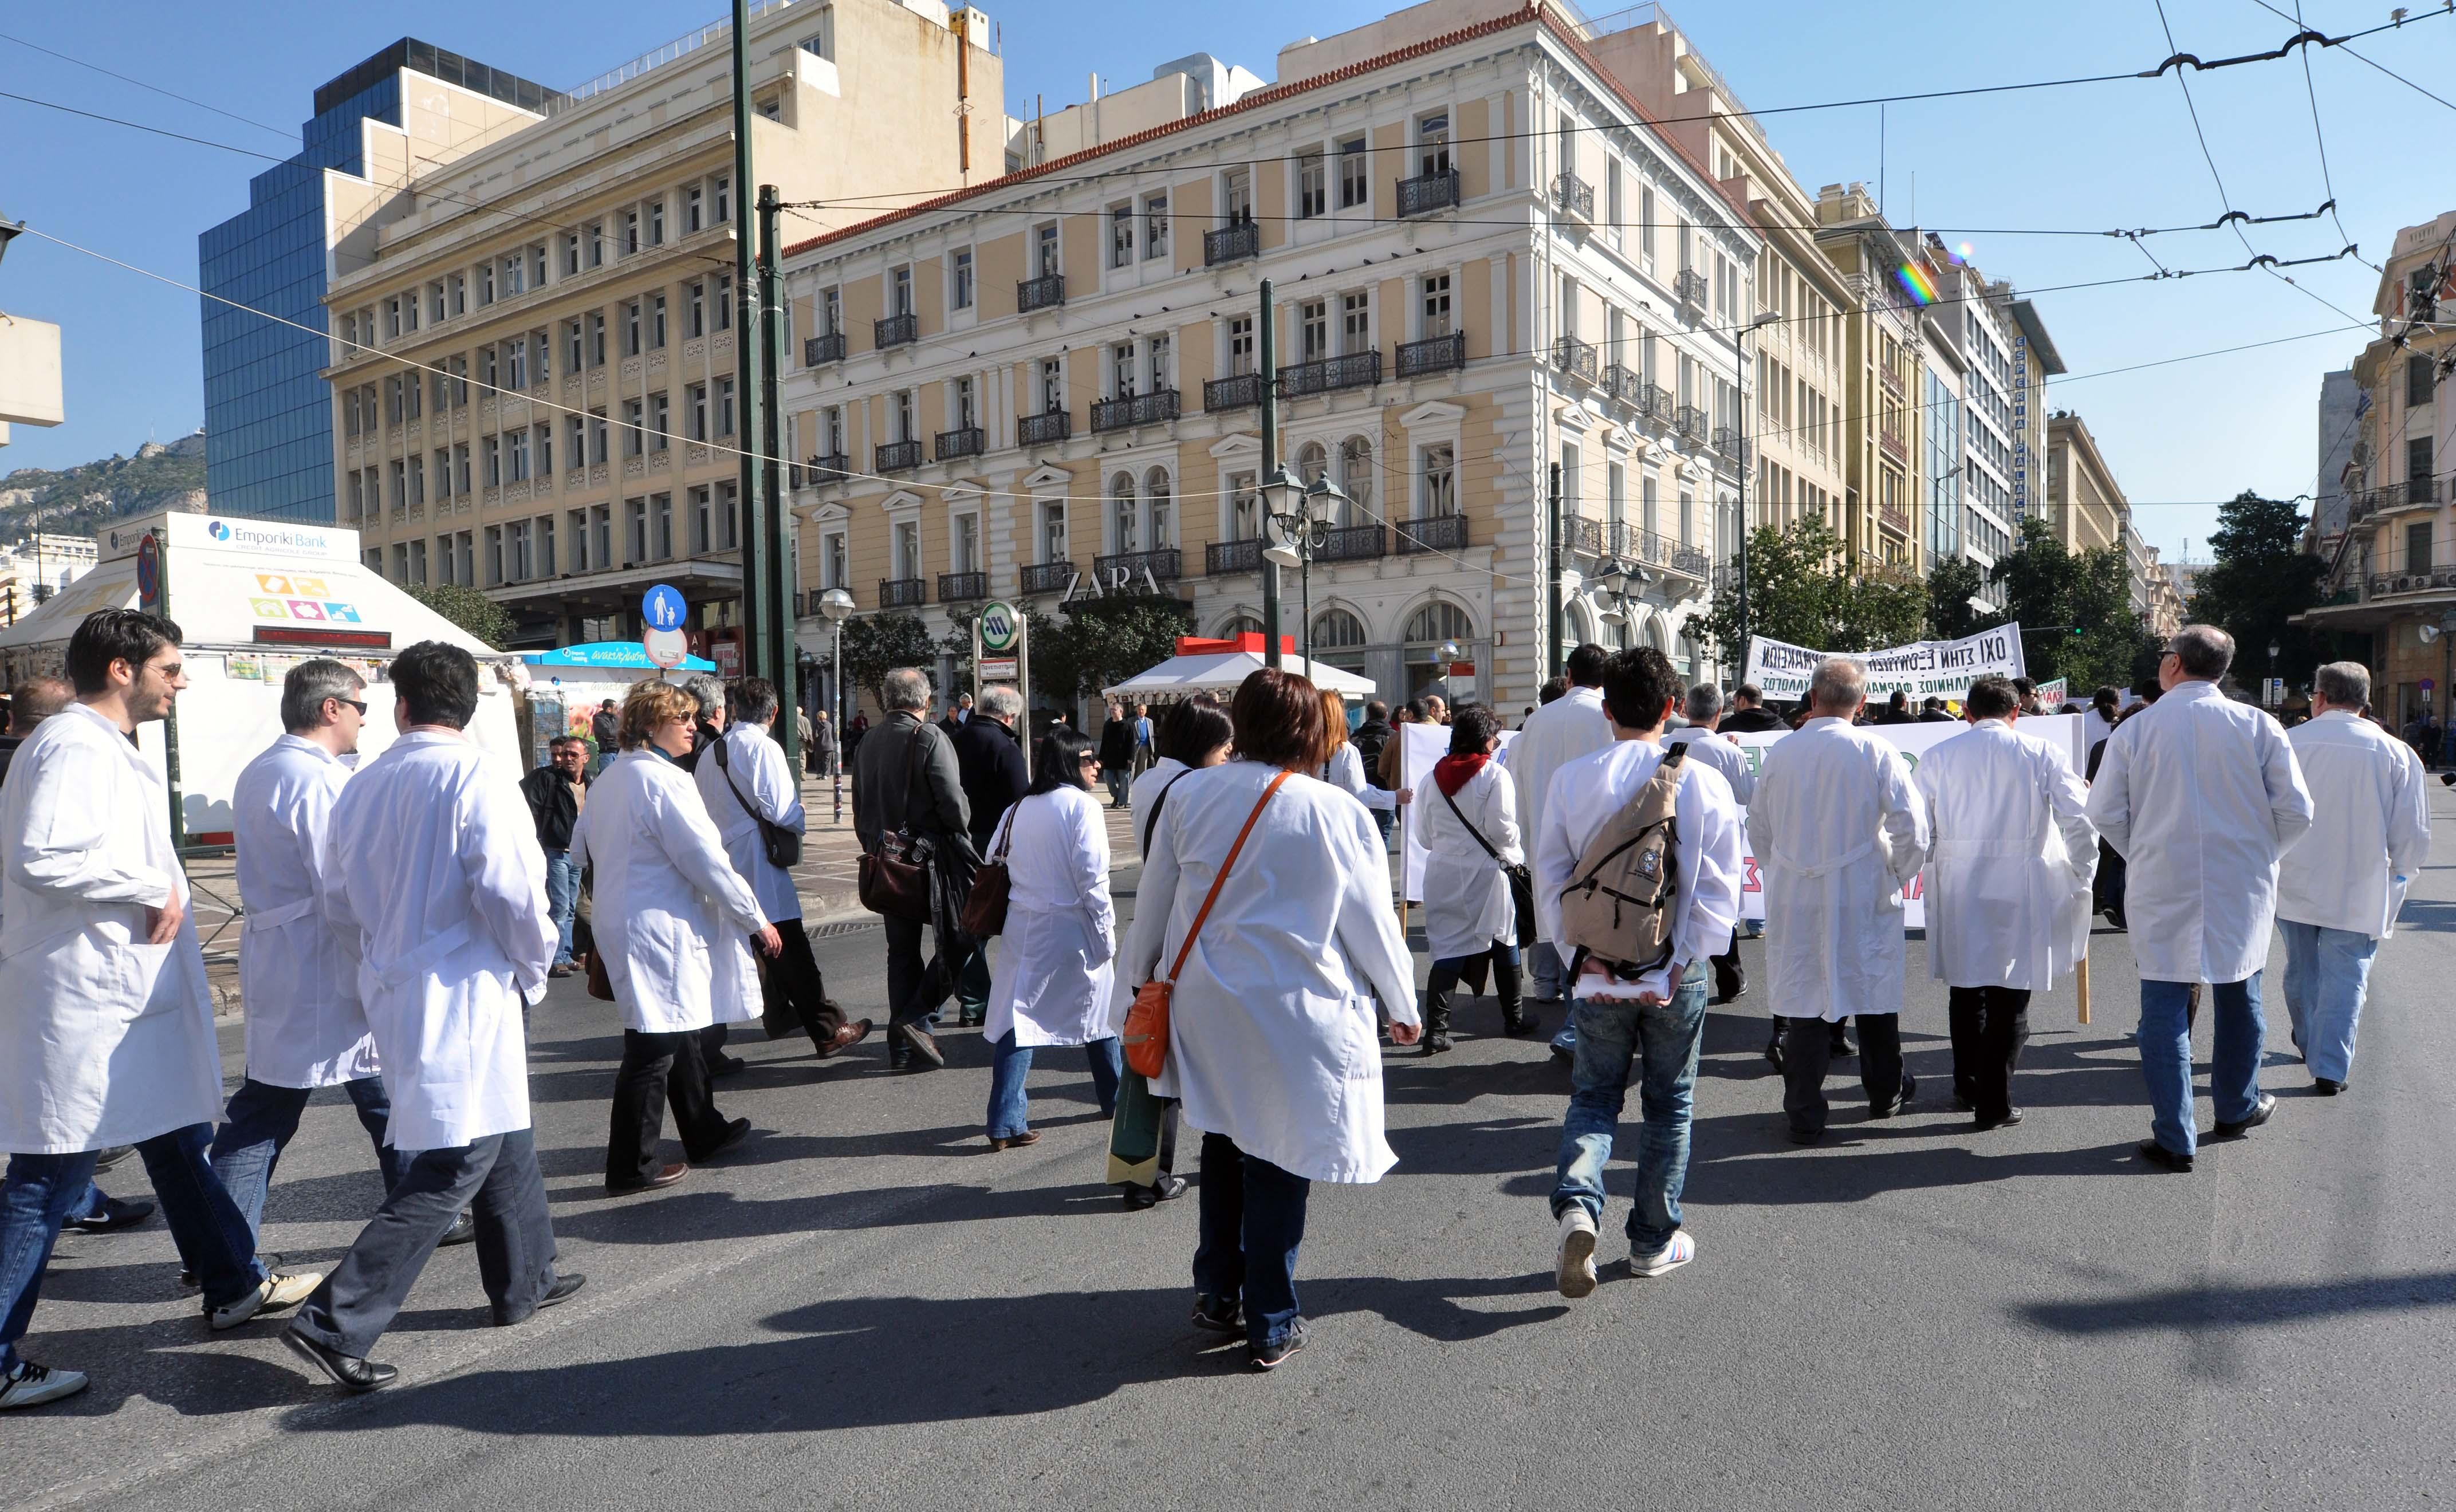 Προβλήματα στη Μεσογείων από κινητοποίηση γιατρών | tovima.gr